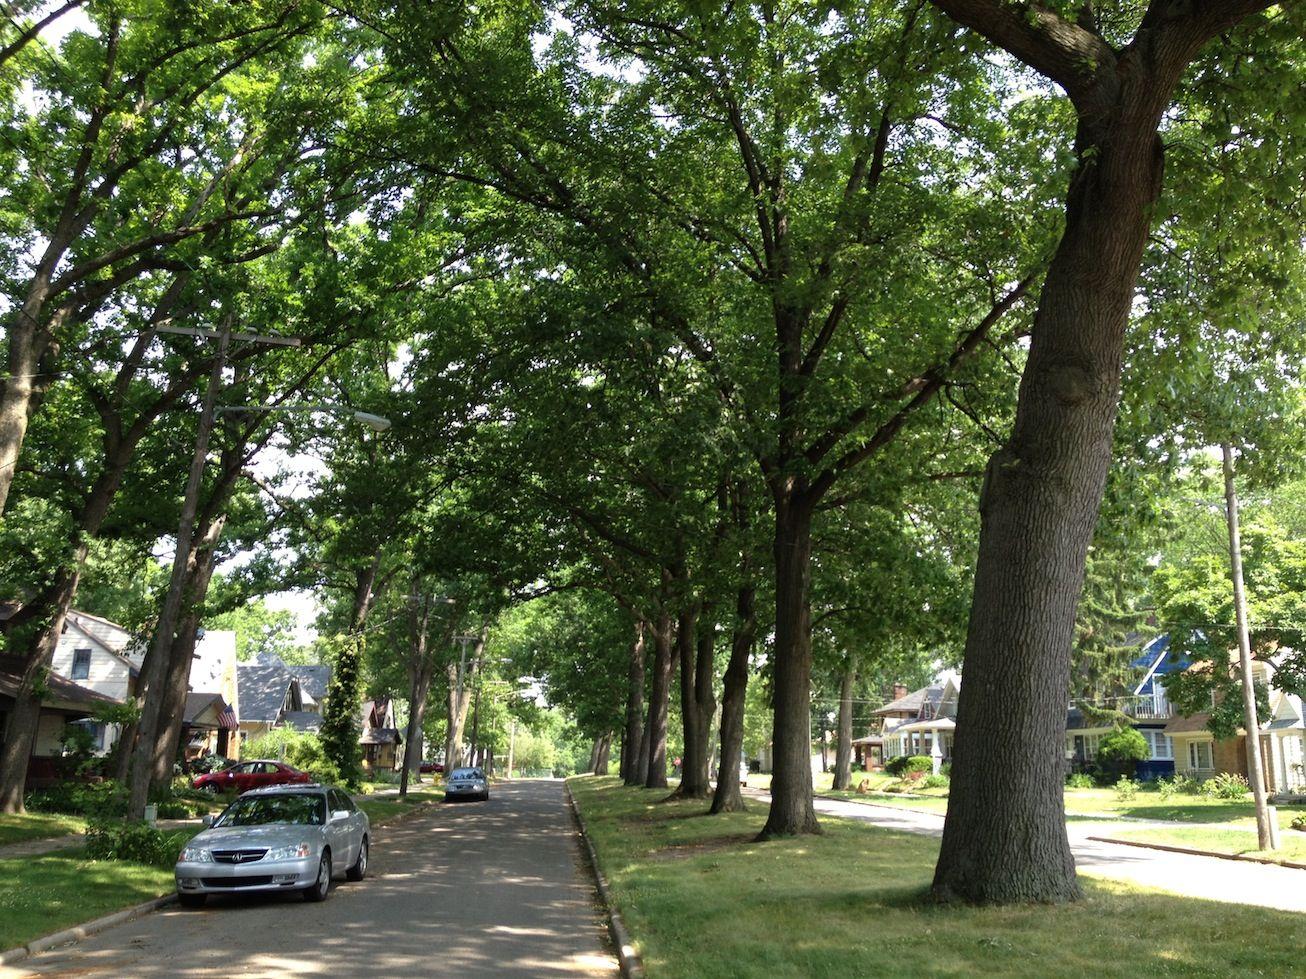 нас картинки деревьев на улицах грейдеру автобус